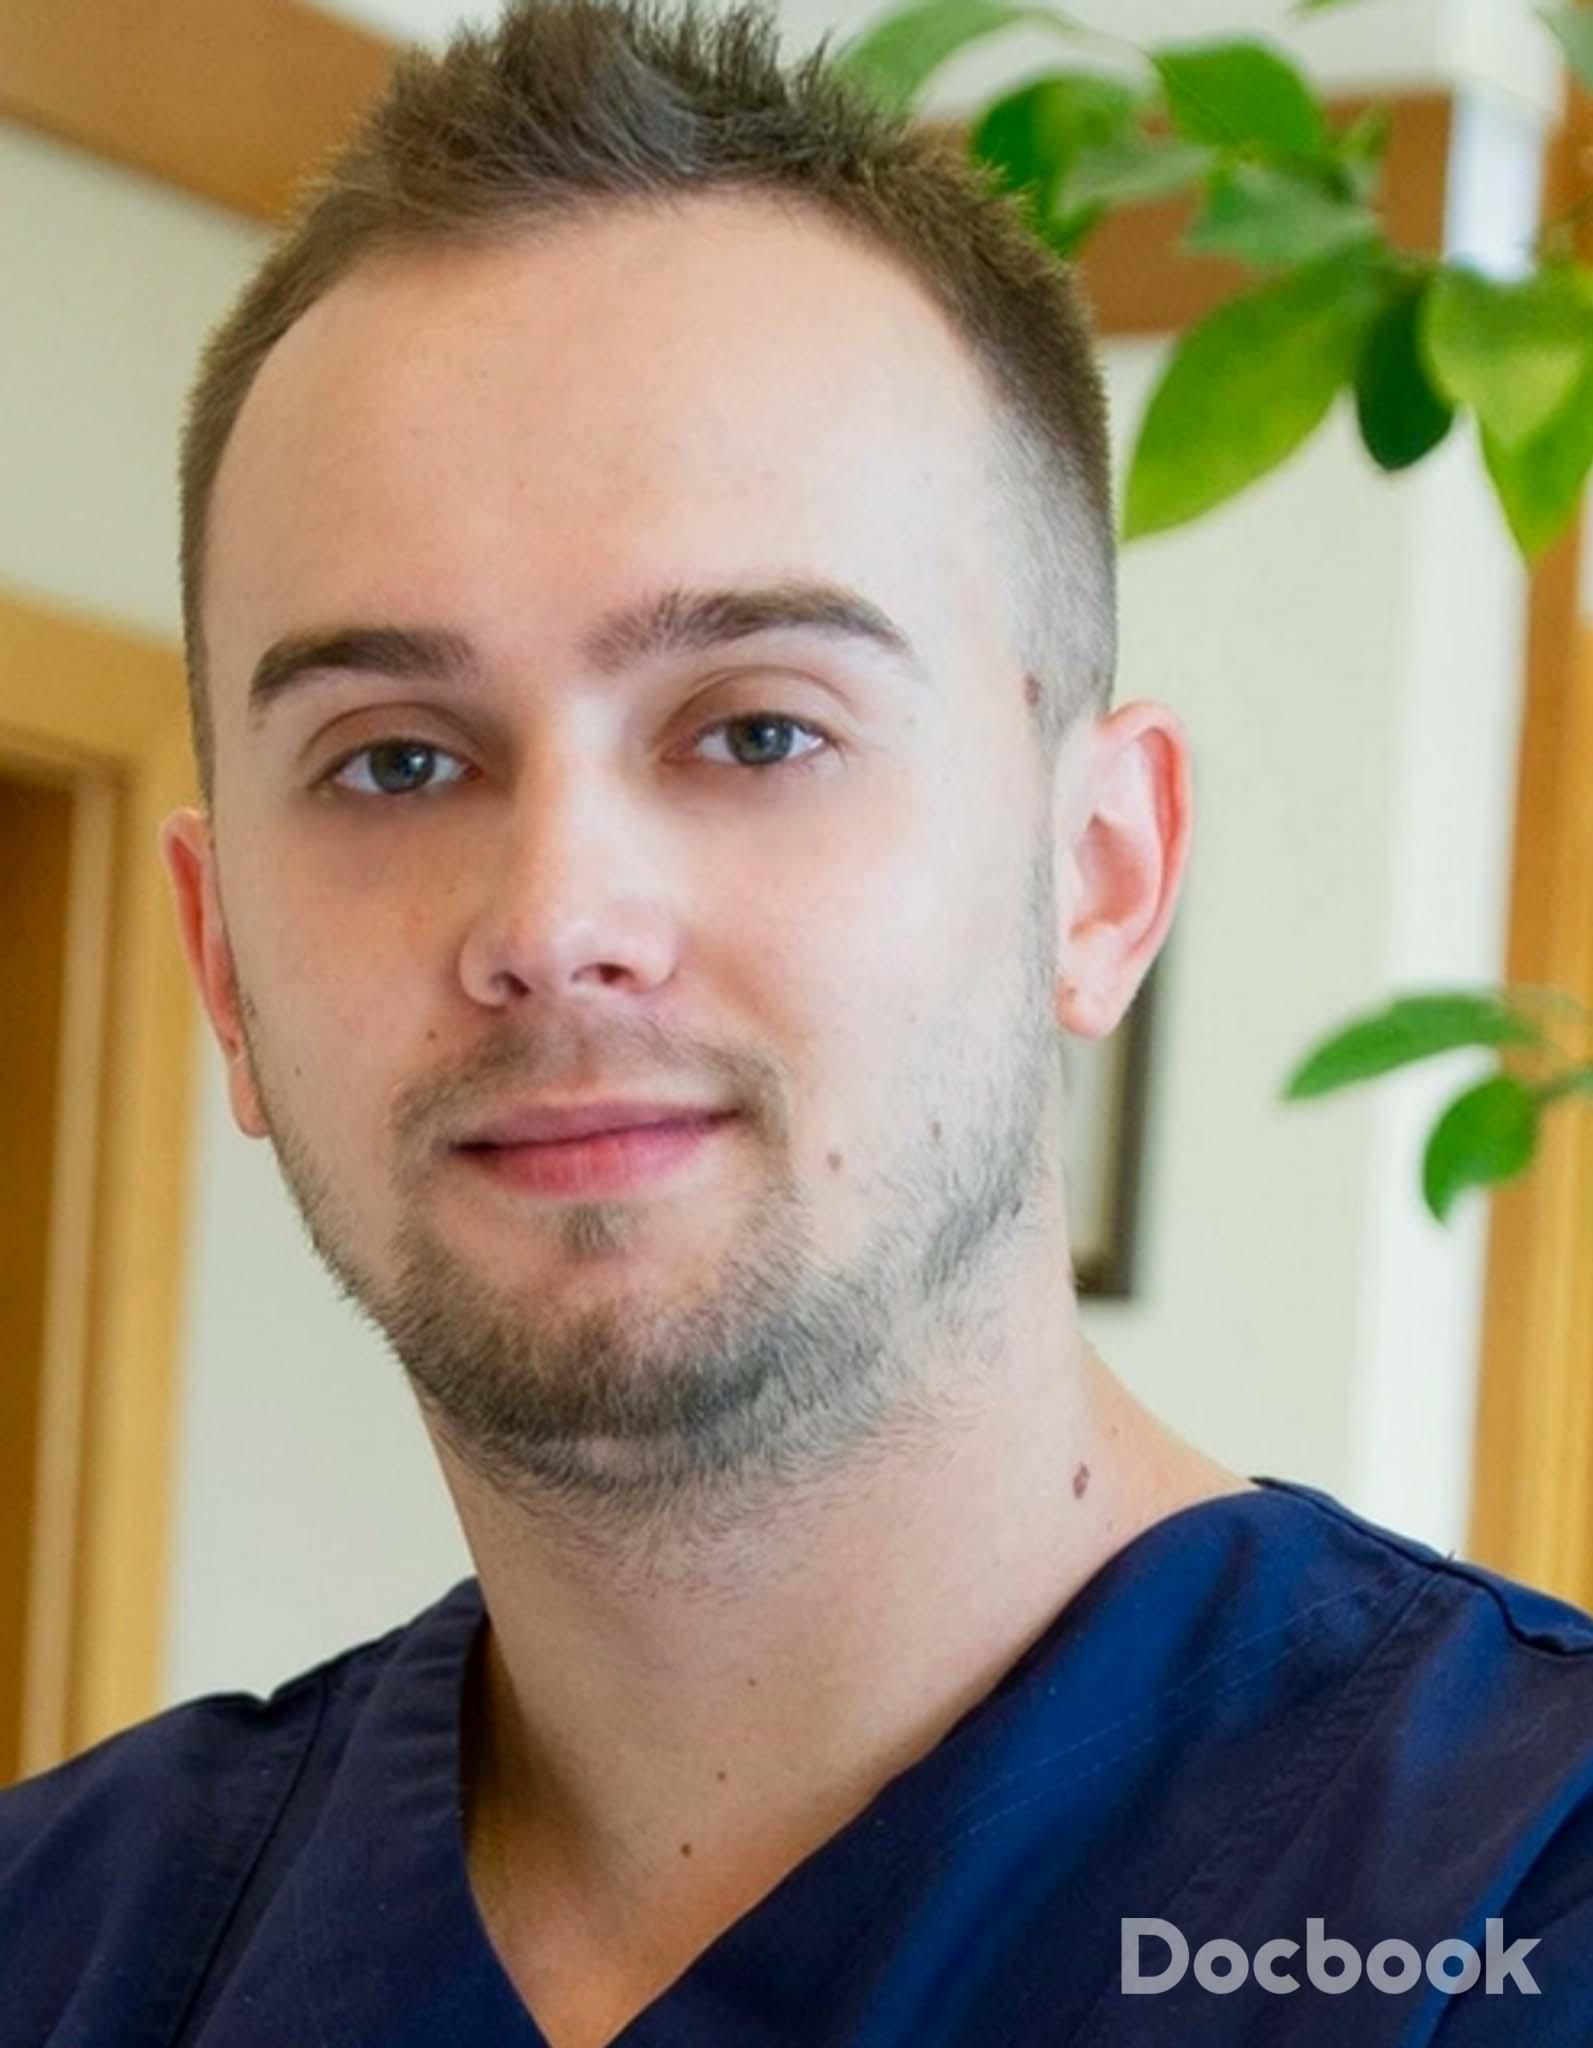 Dr. Samson Roman